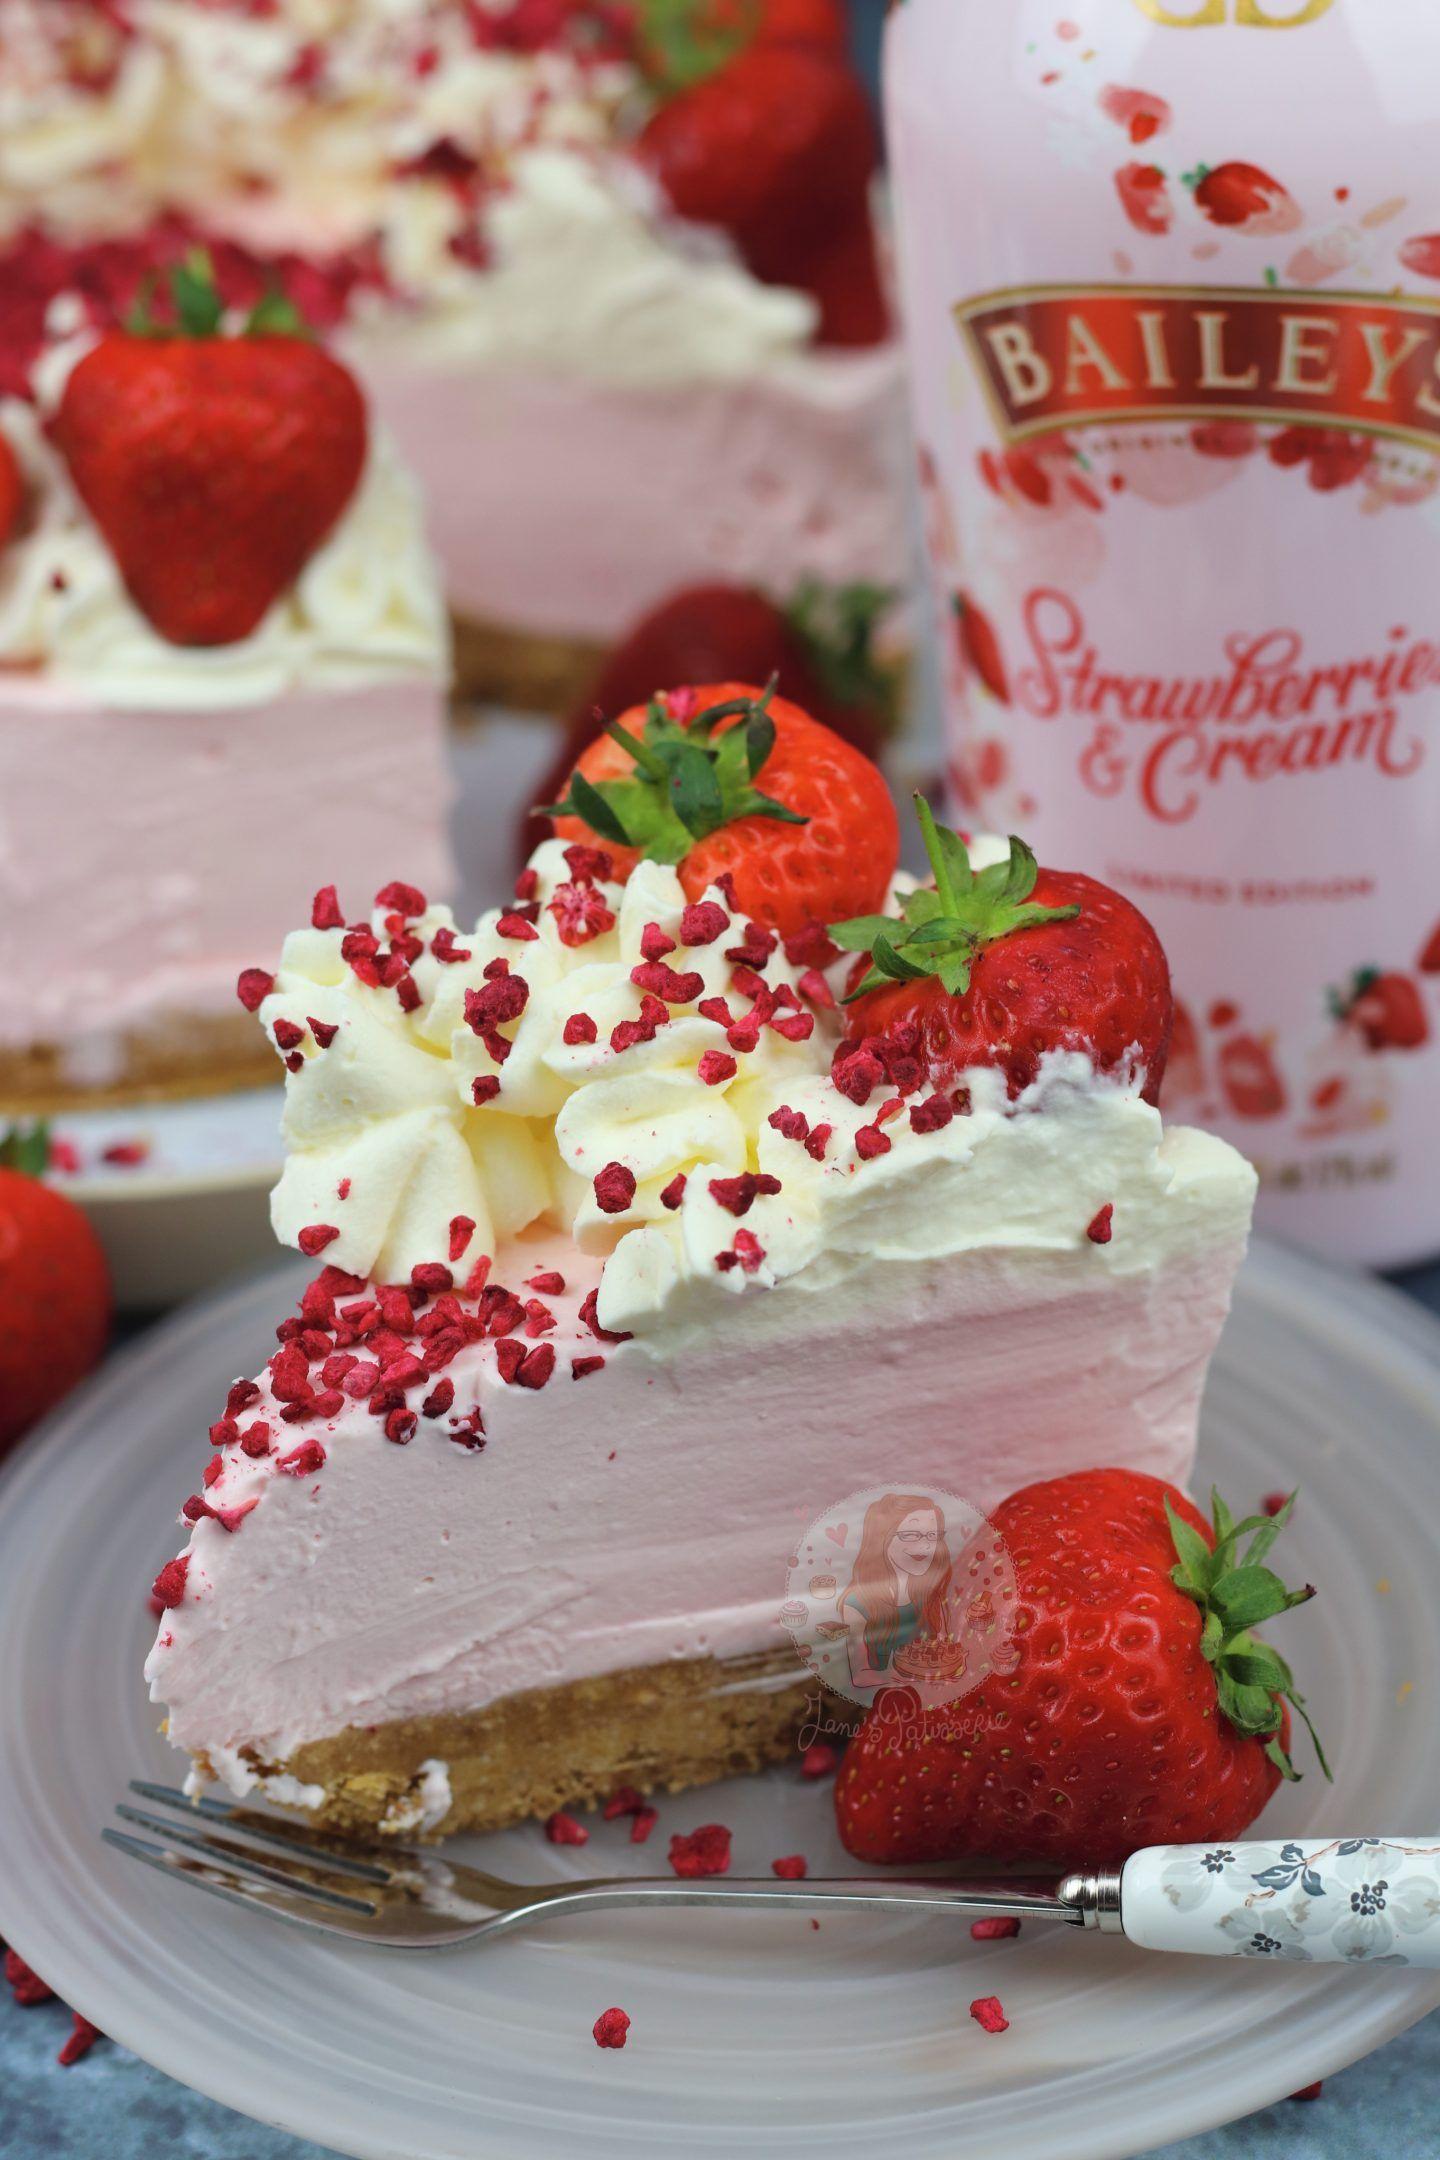 Baileys Strawberries & Cream Cheesecake - Jane's P